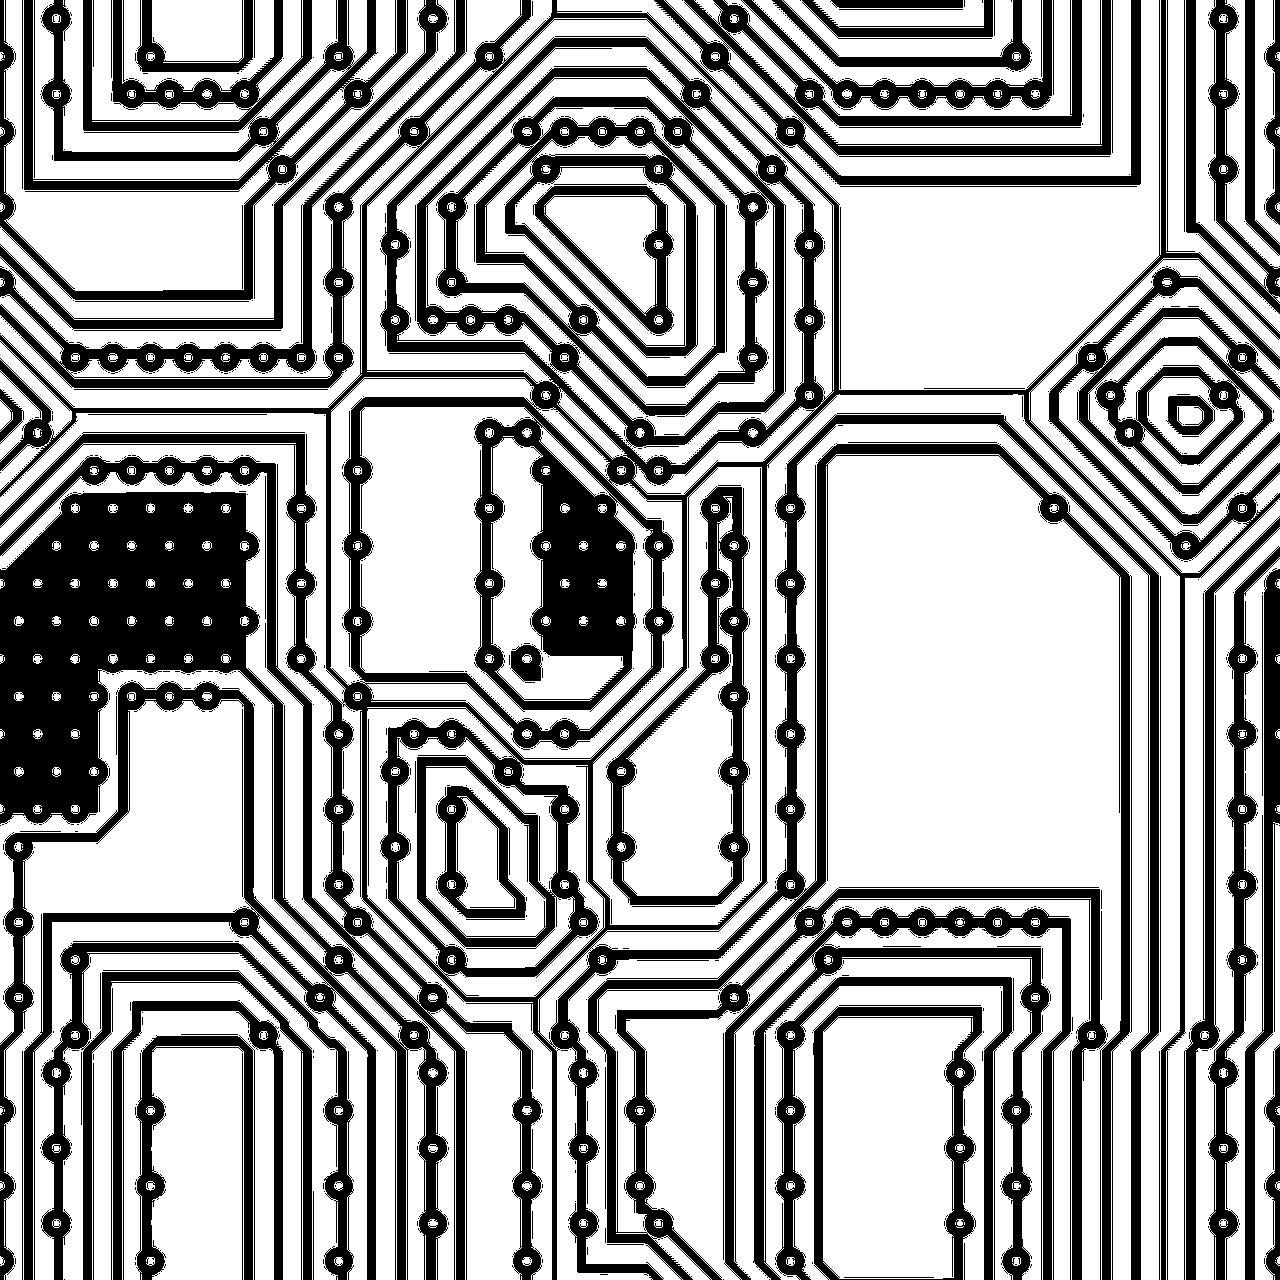 PCB Leiterplattenherstellung